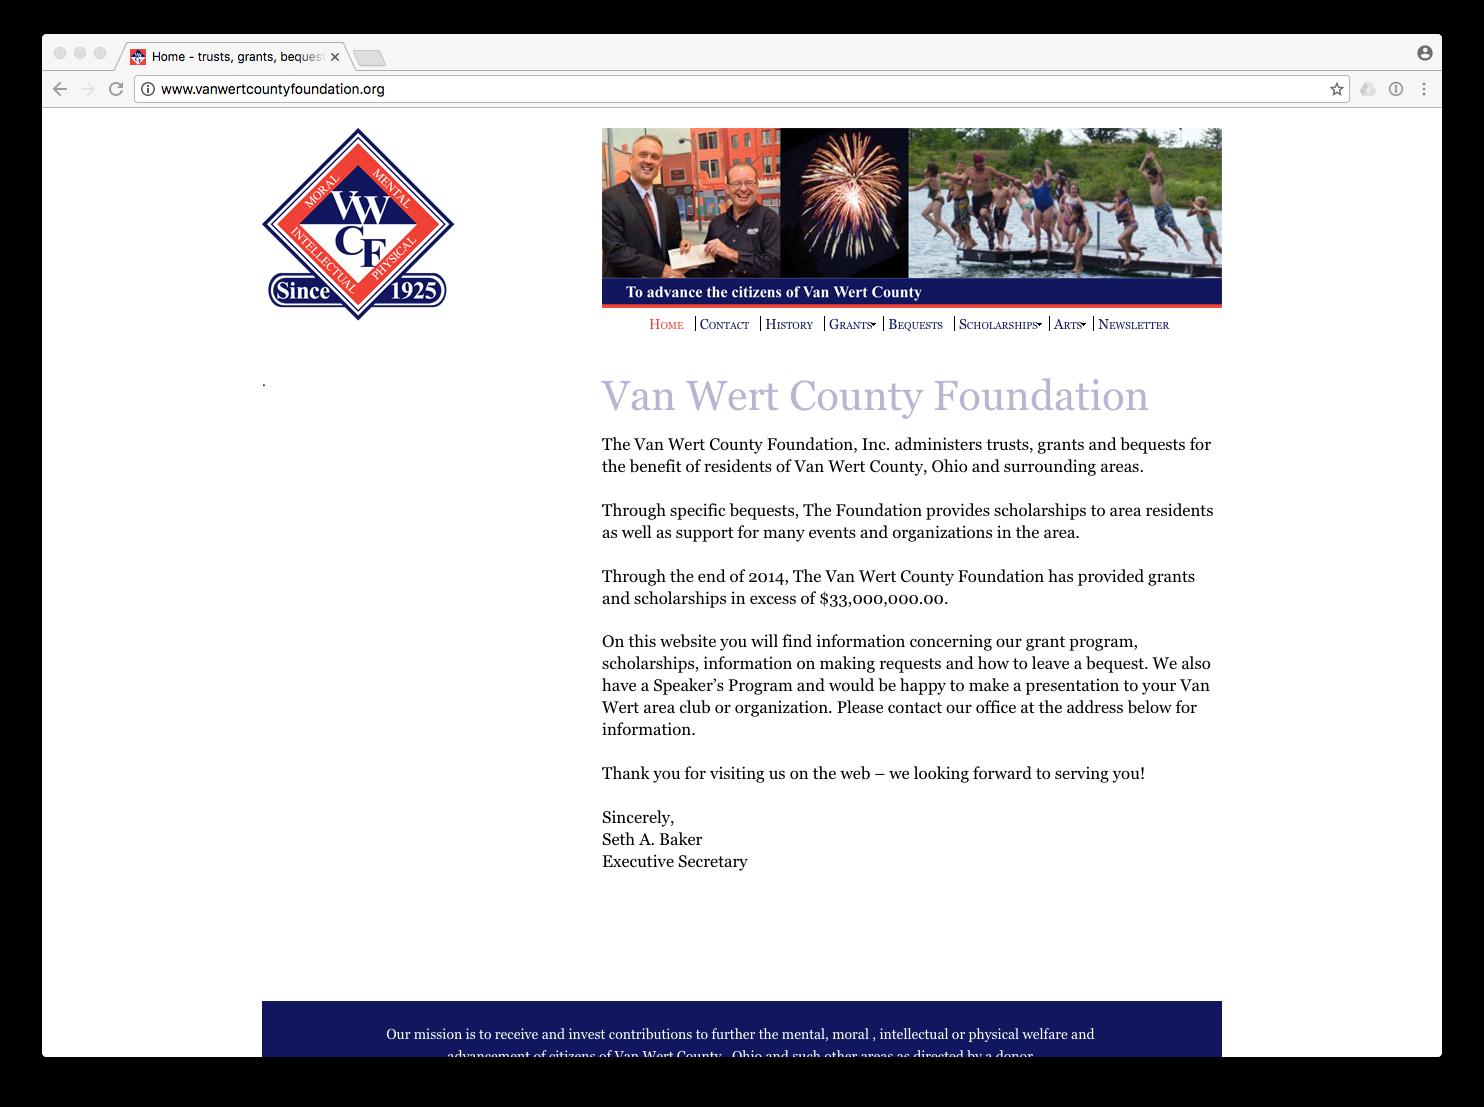 vanwertcountyfoundation.org